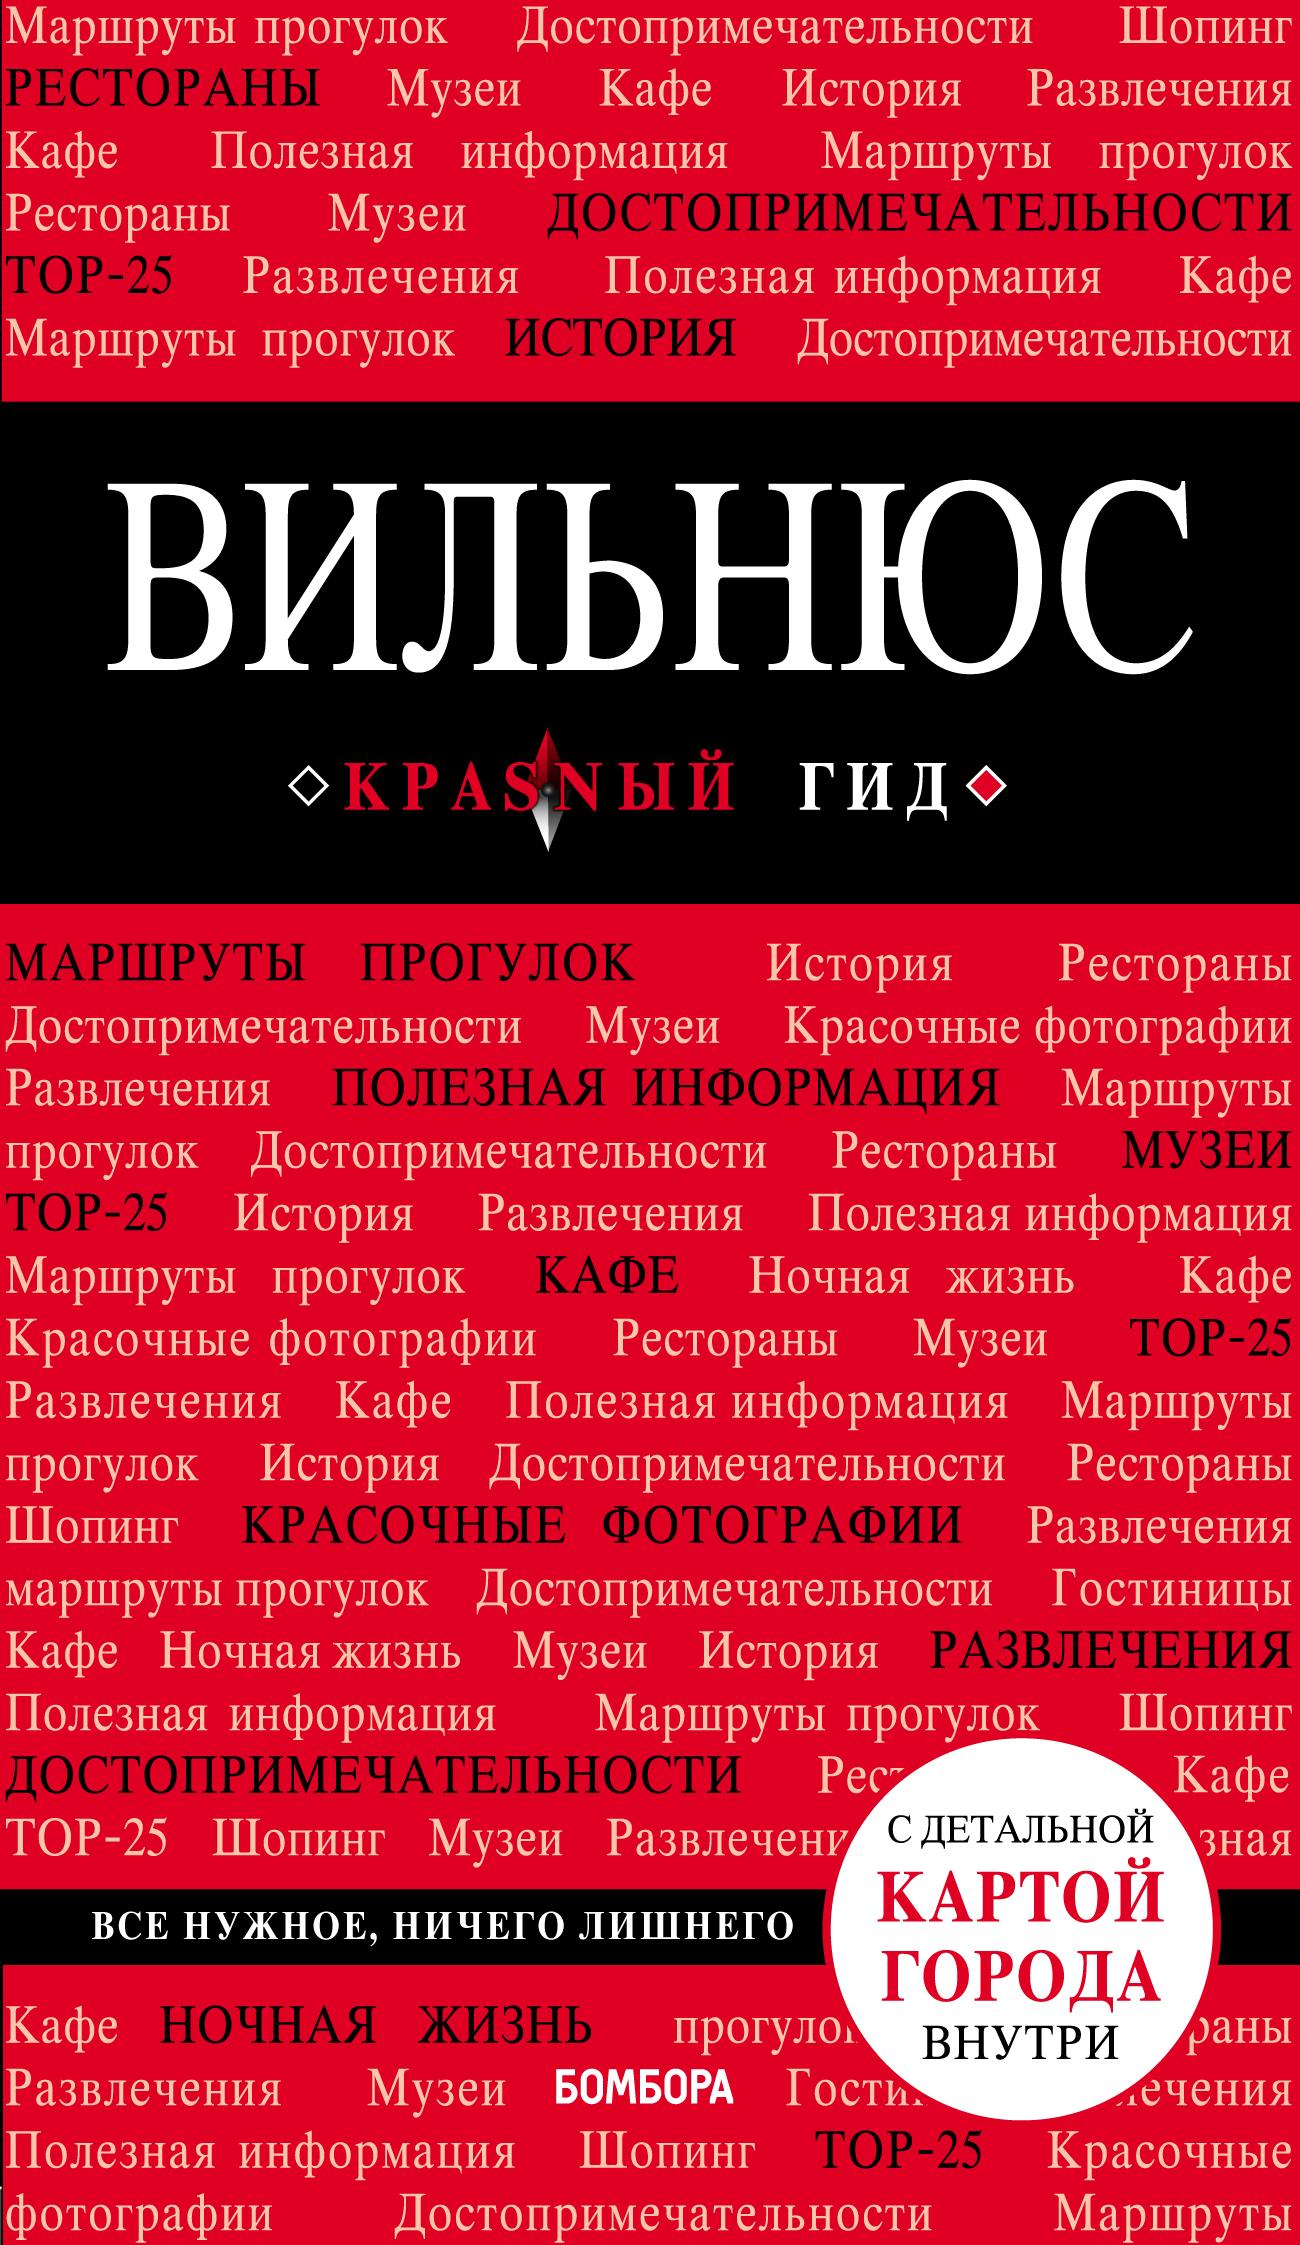 Артем Синцов Вильнюс. Путеводитель артем синцов таиланд путеводитель